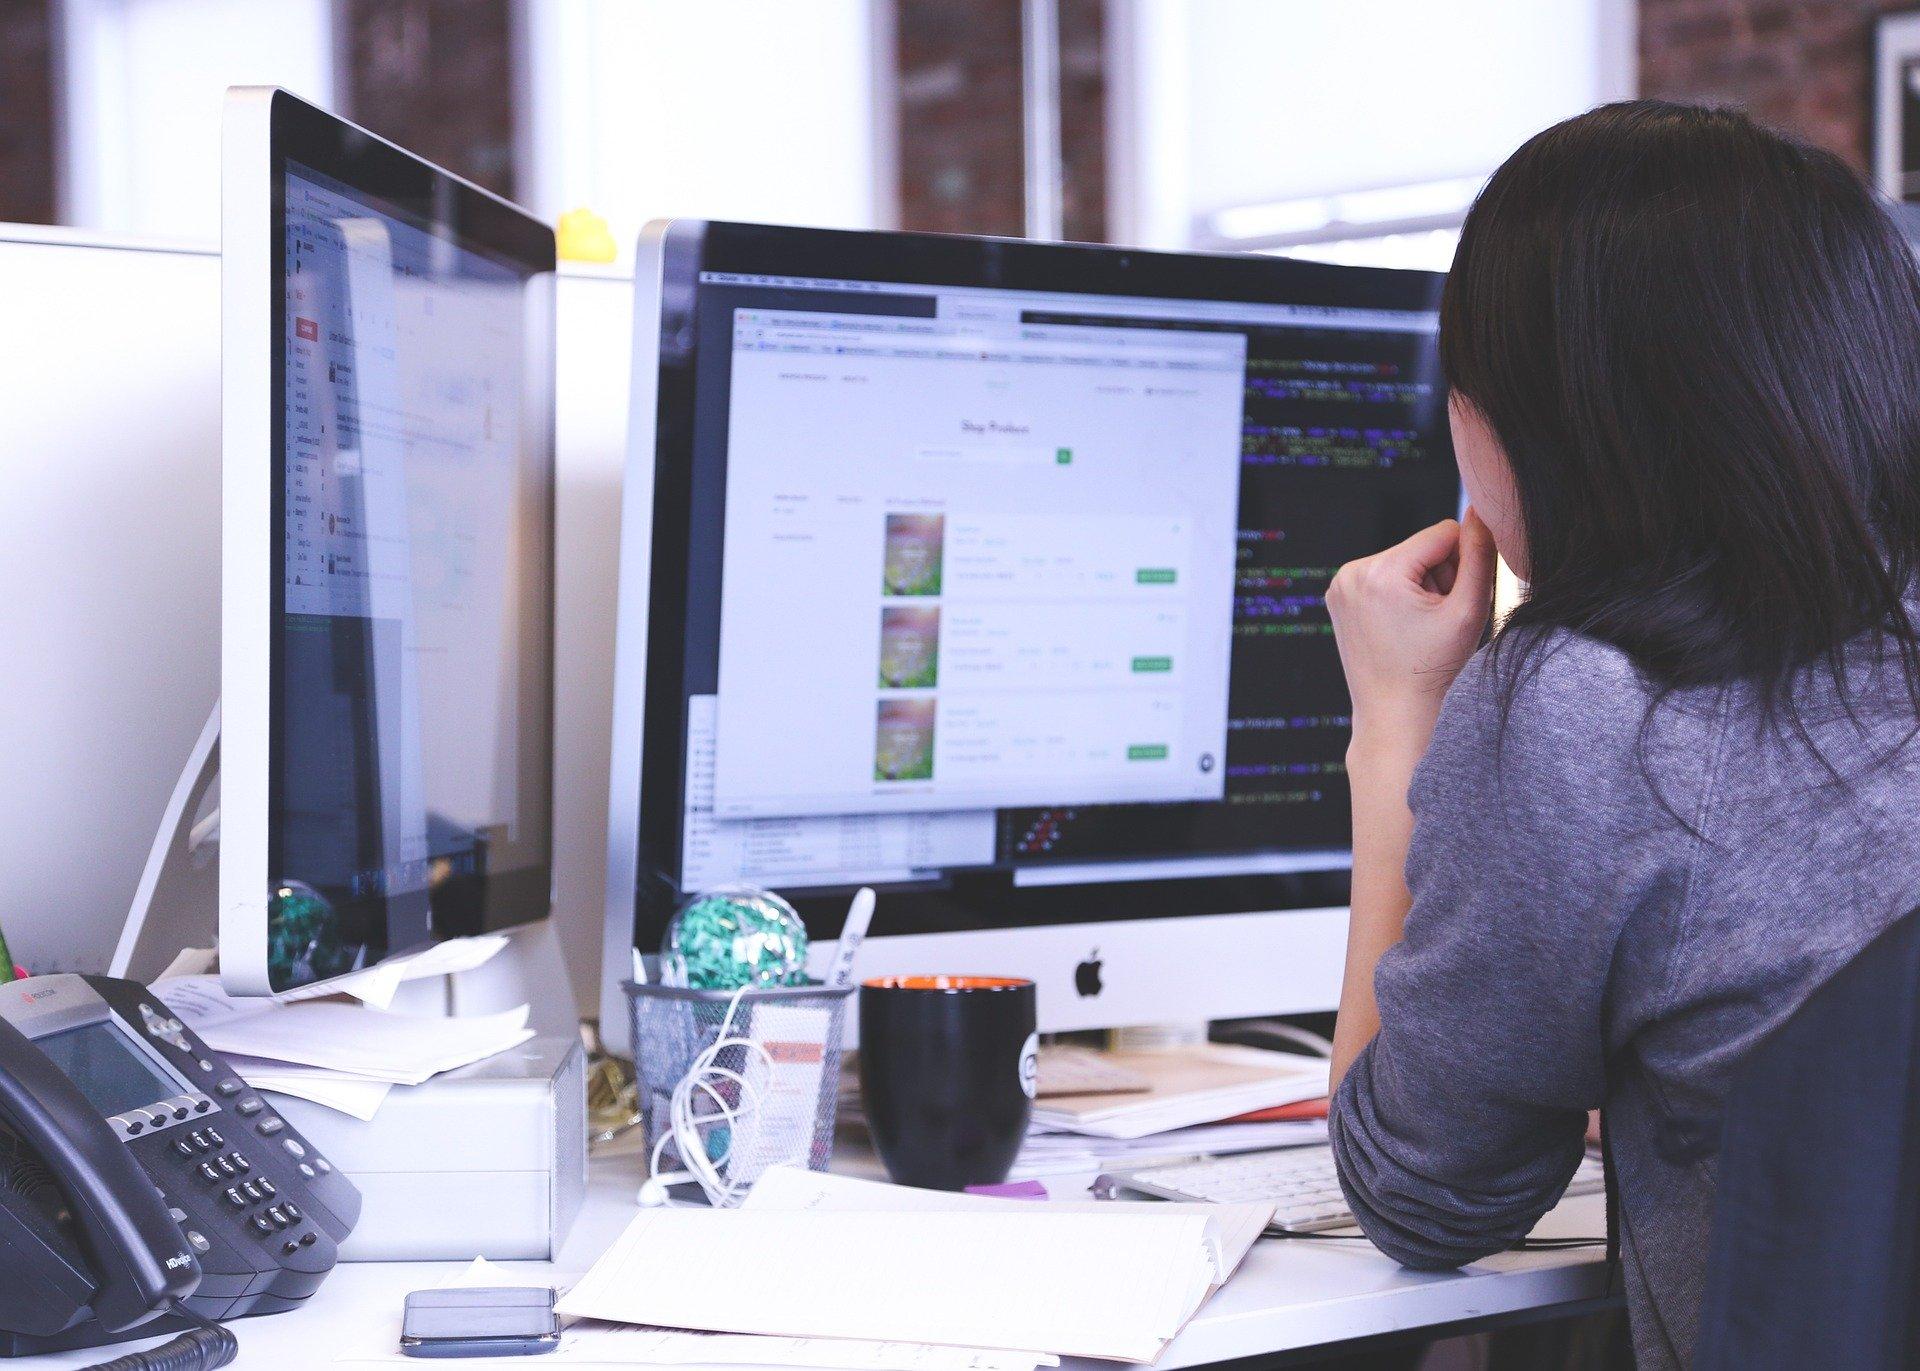 【その2】(例:Adobe xd)デザインツールを使ってデザインしてみよう!持ち込みデザインでのWebサイト制作の話